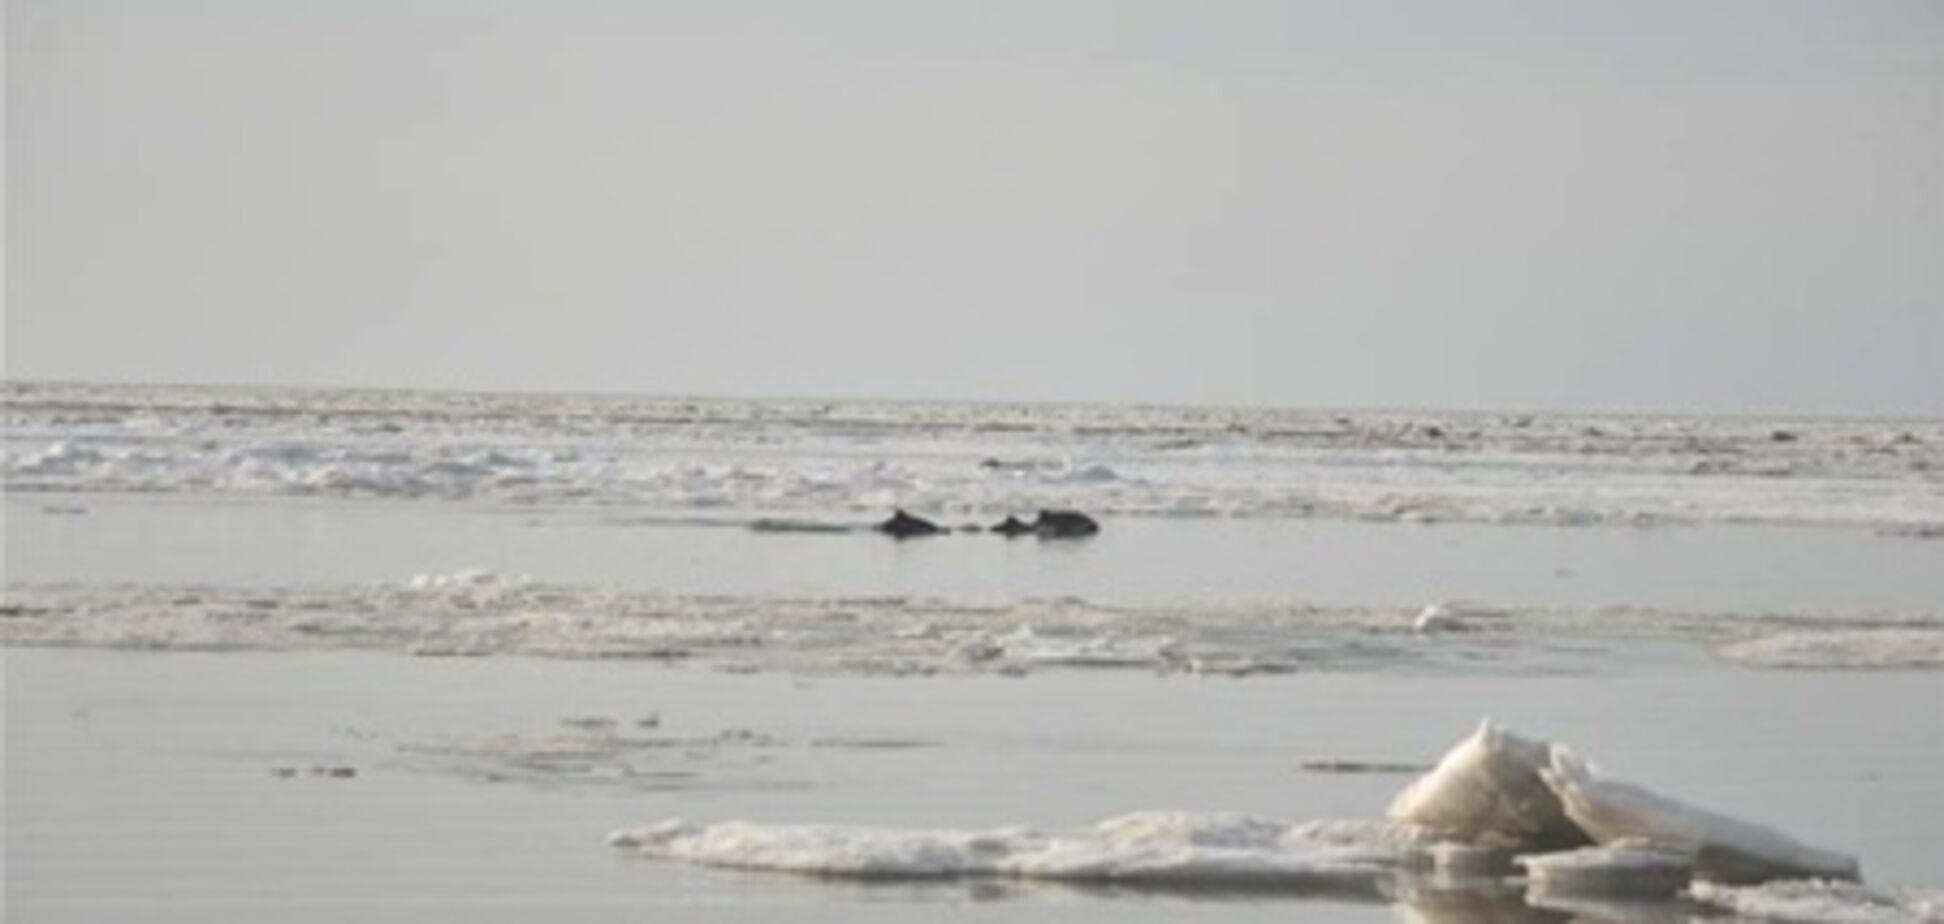 Співробітники МНС врятували дельфінів з крижаної пастки